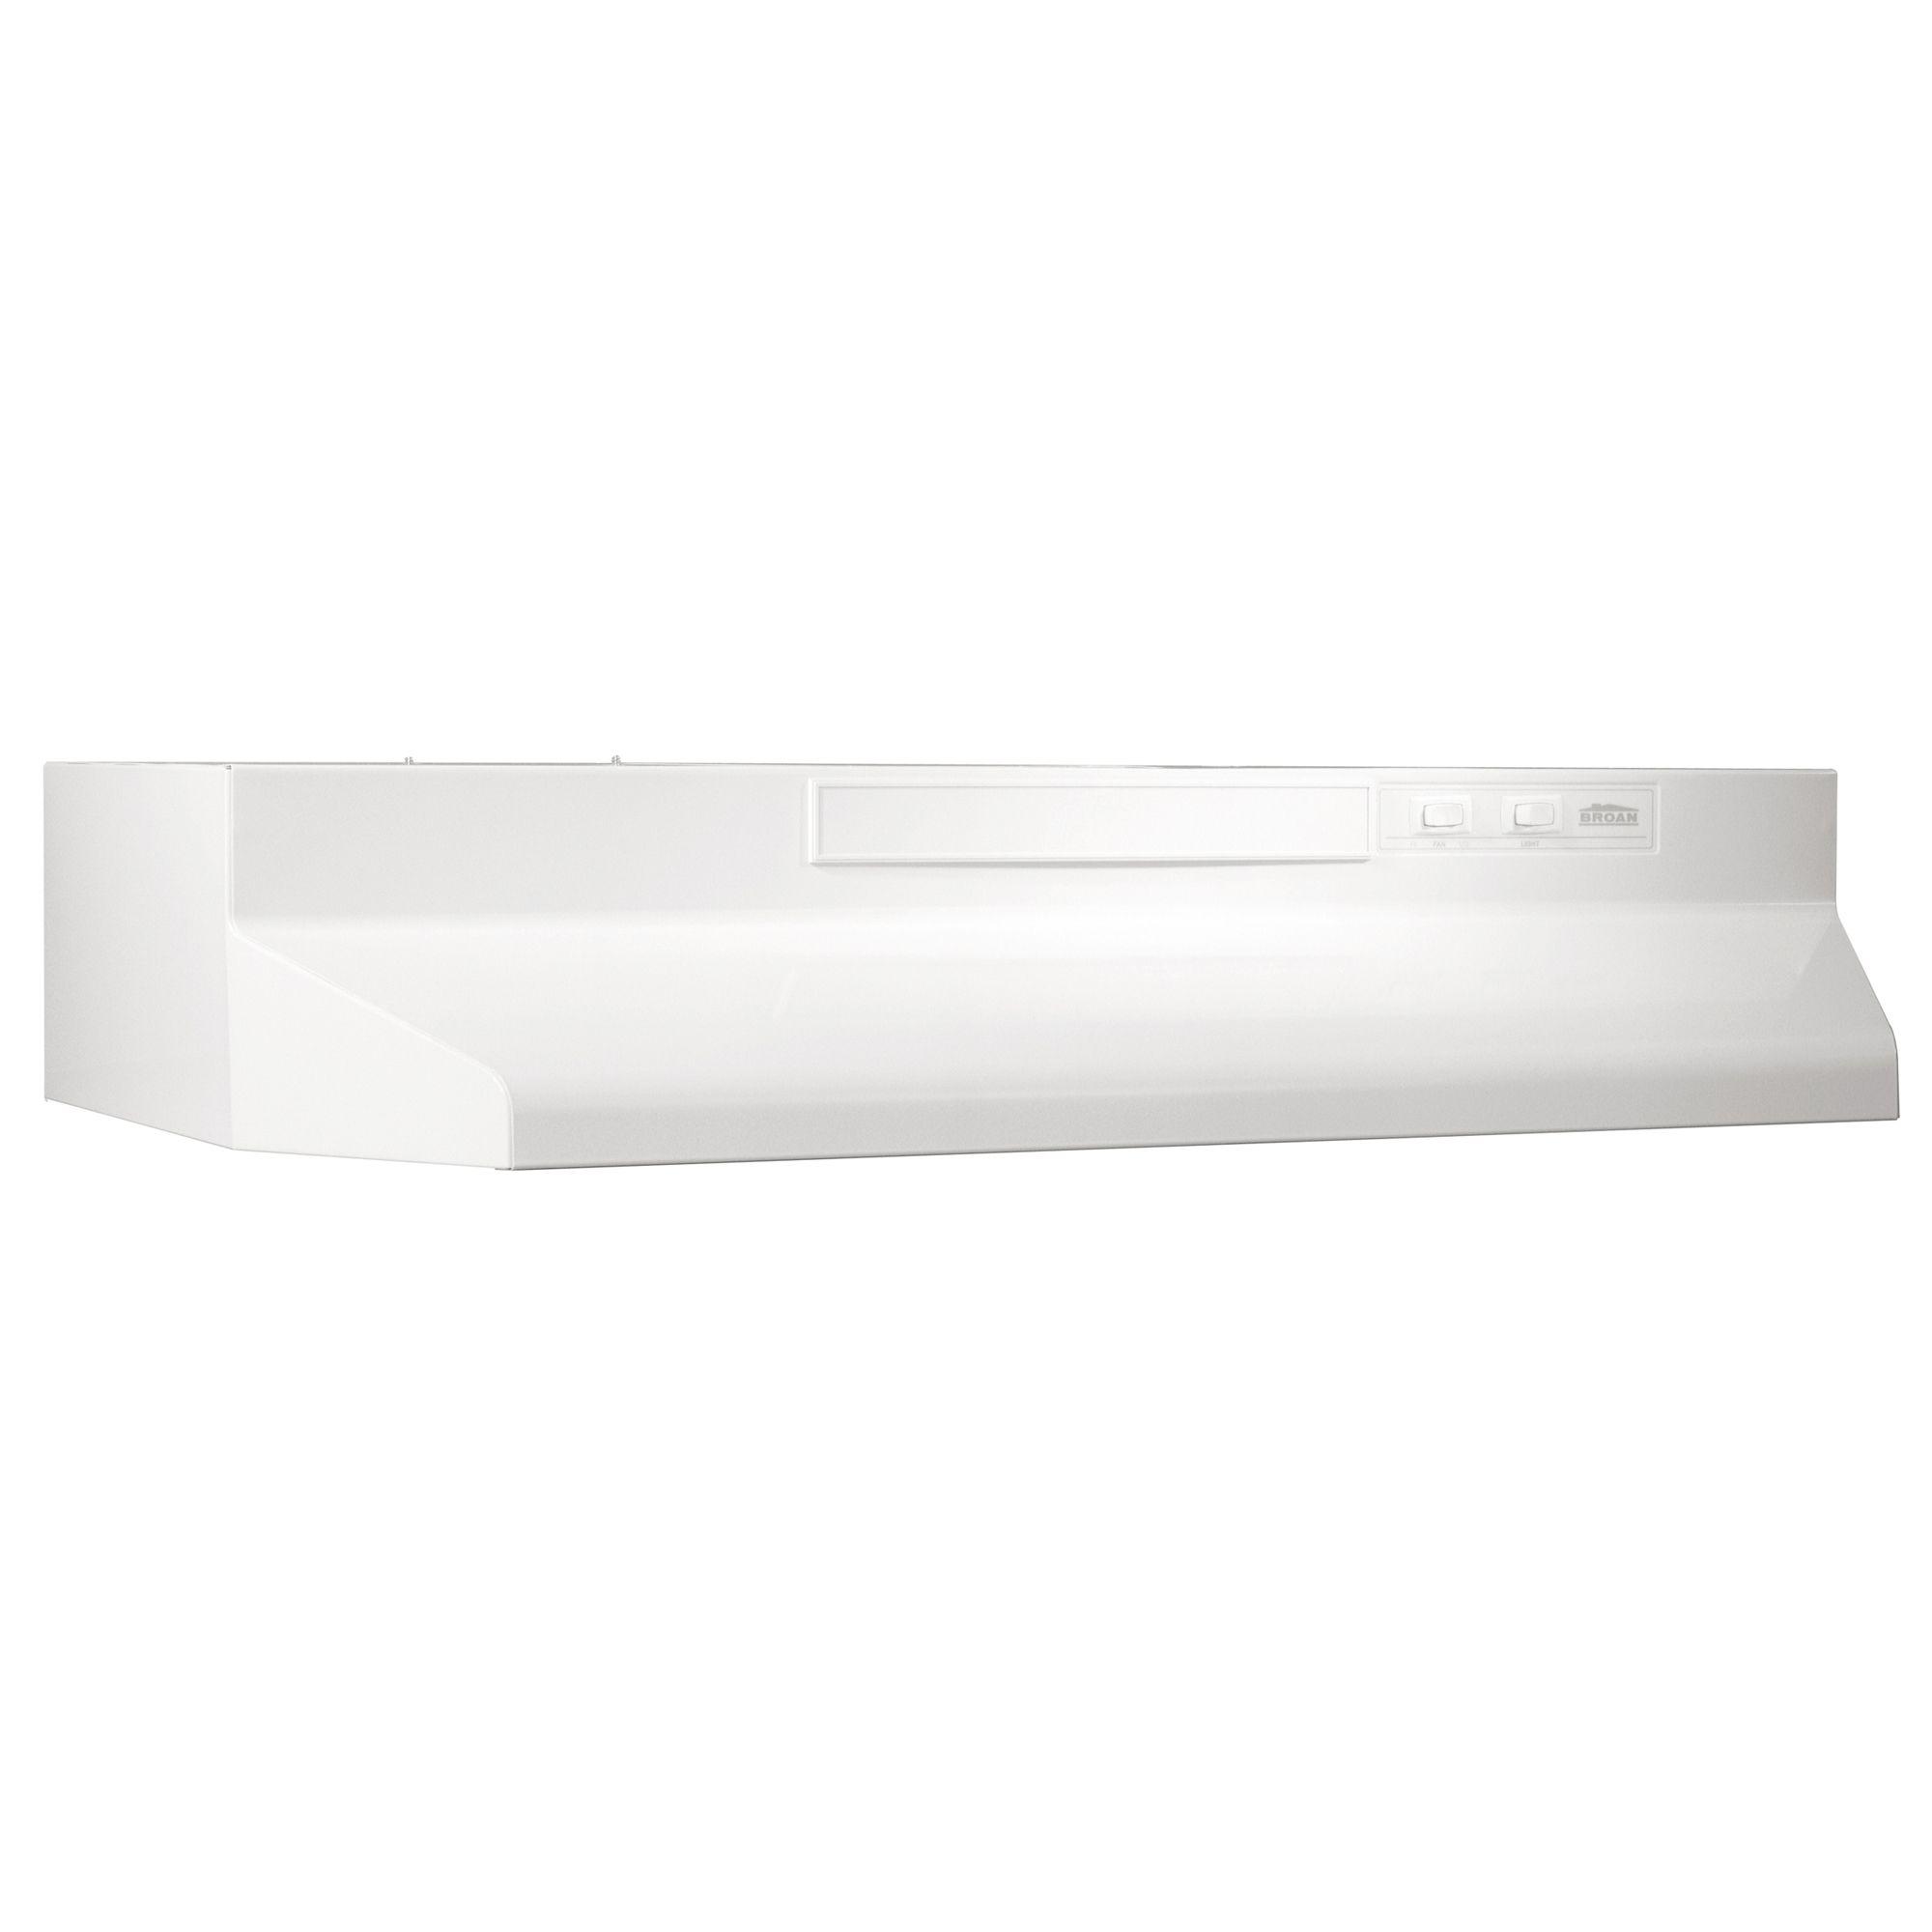 24 Under Cabinet 2 Speed Range Hood White on White